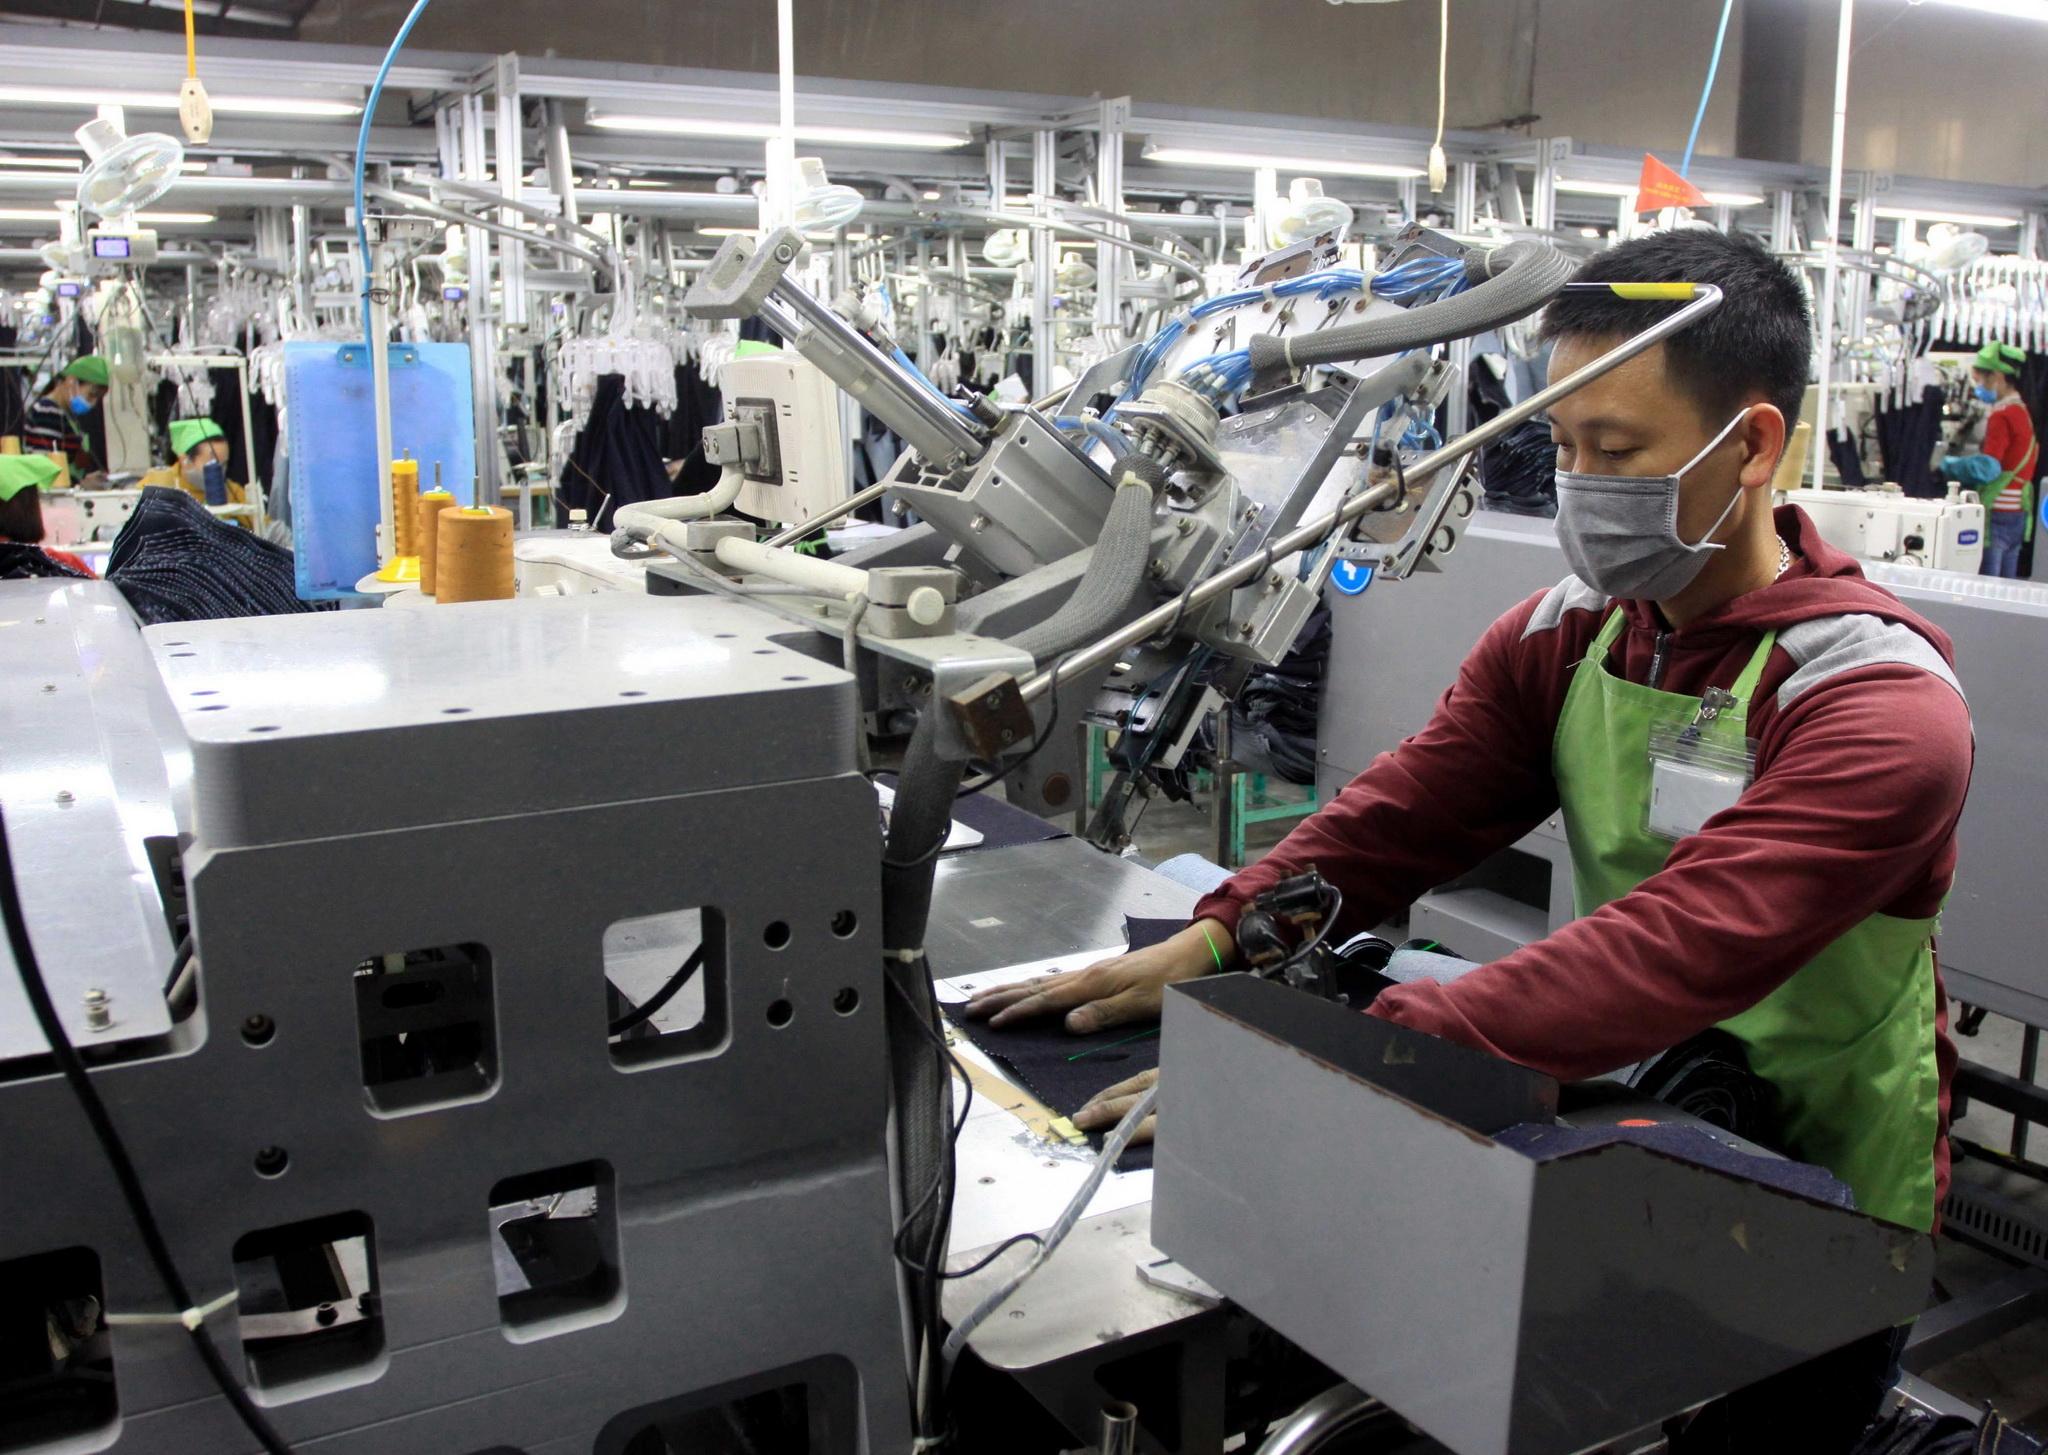 Công nhân sản xuất các sản phẩm tại Công ty TNHH may Texhong. (Ảnh: Thế Duyệt/TTXVN)